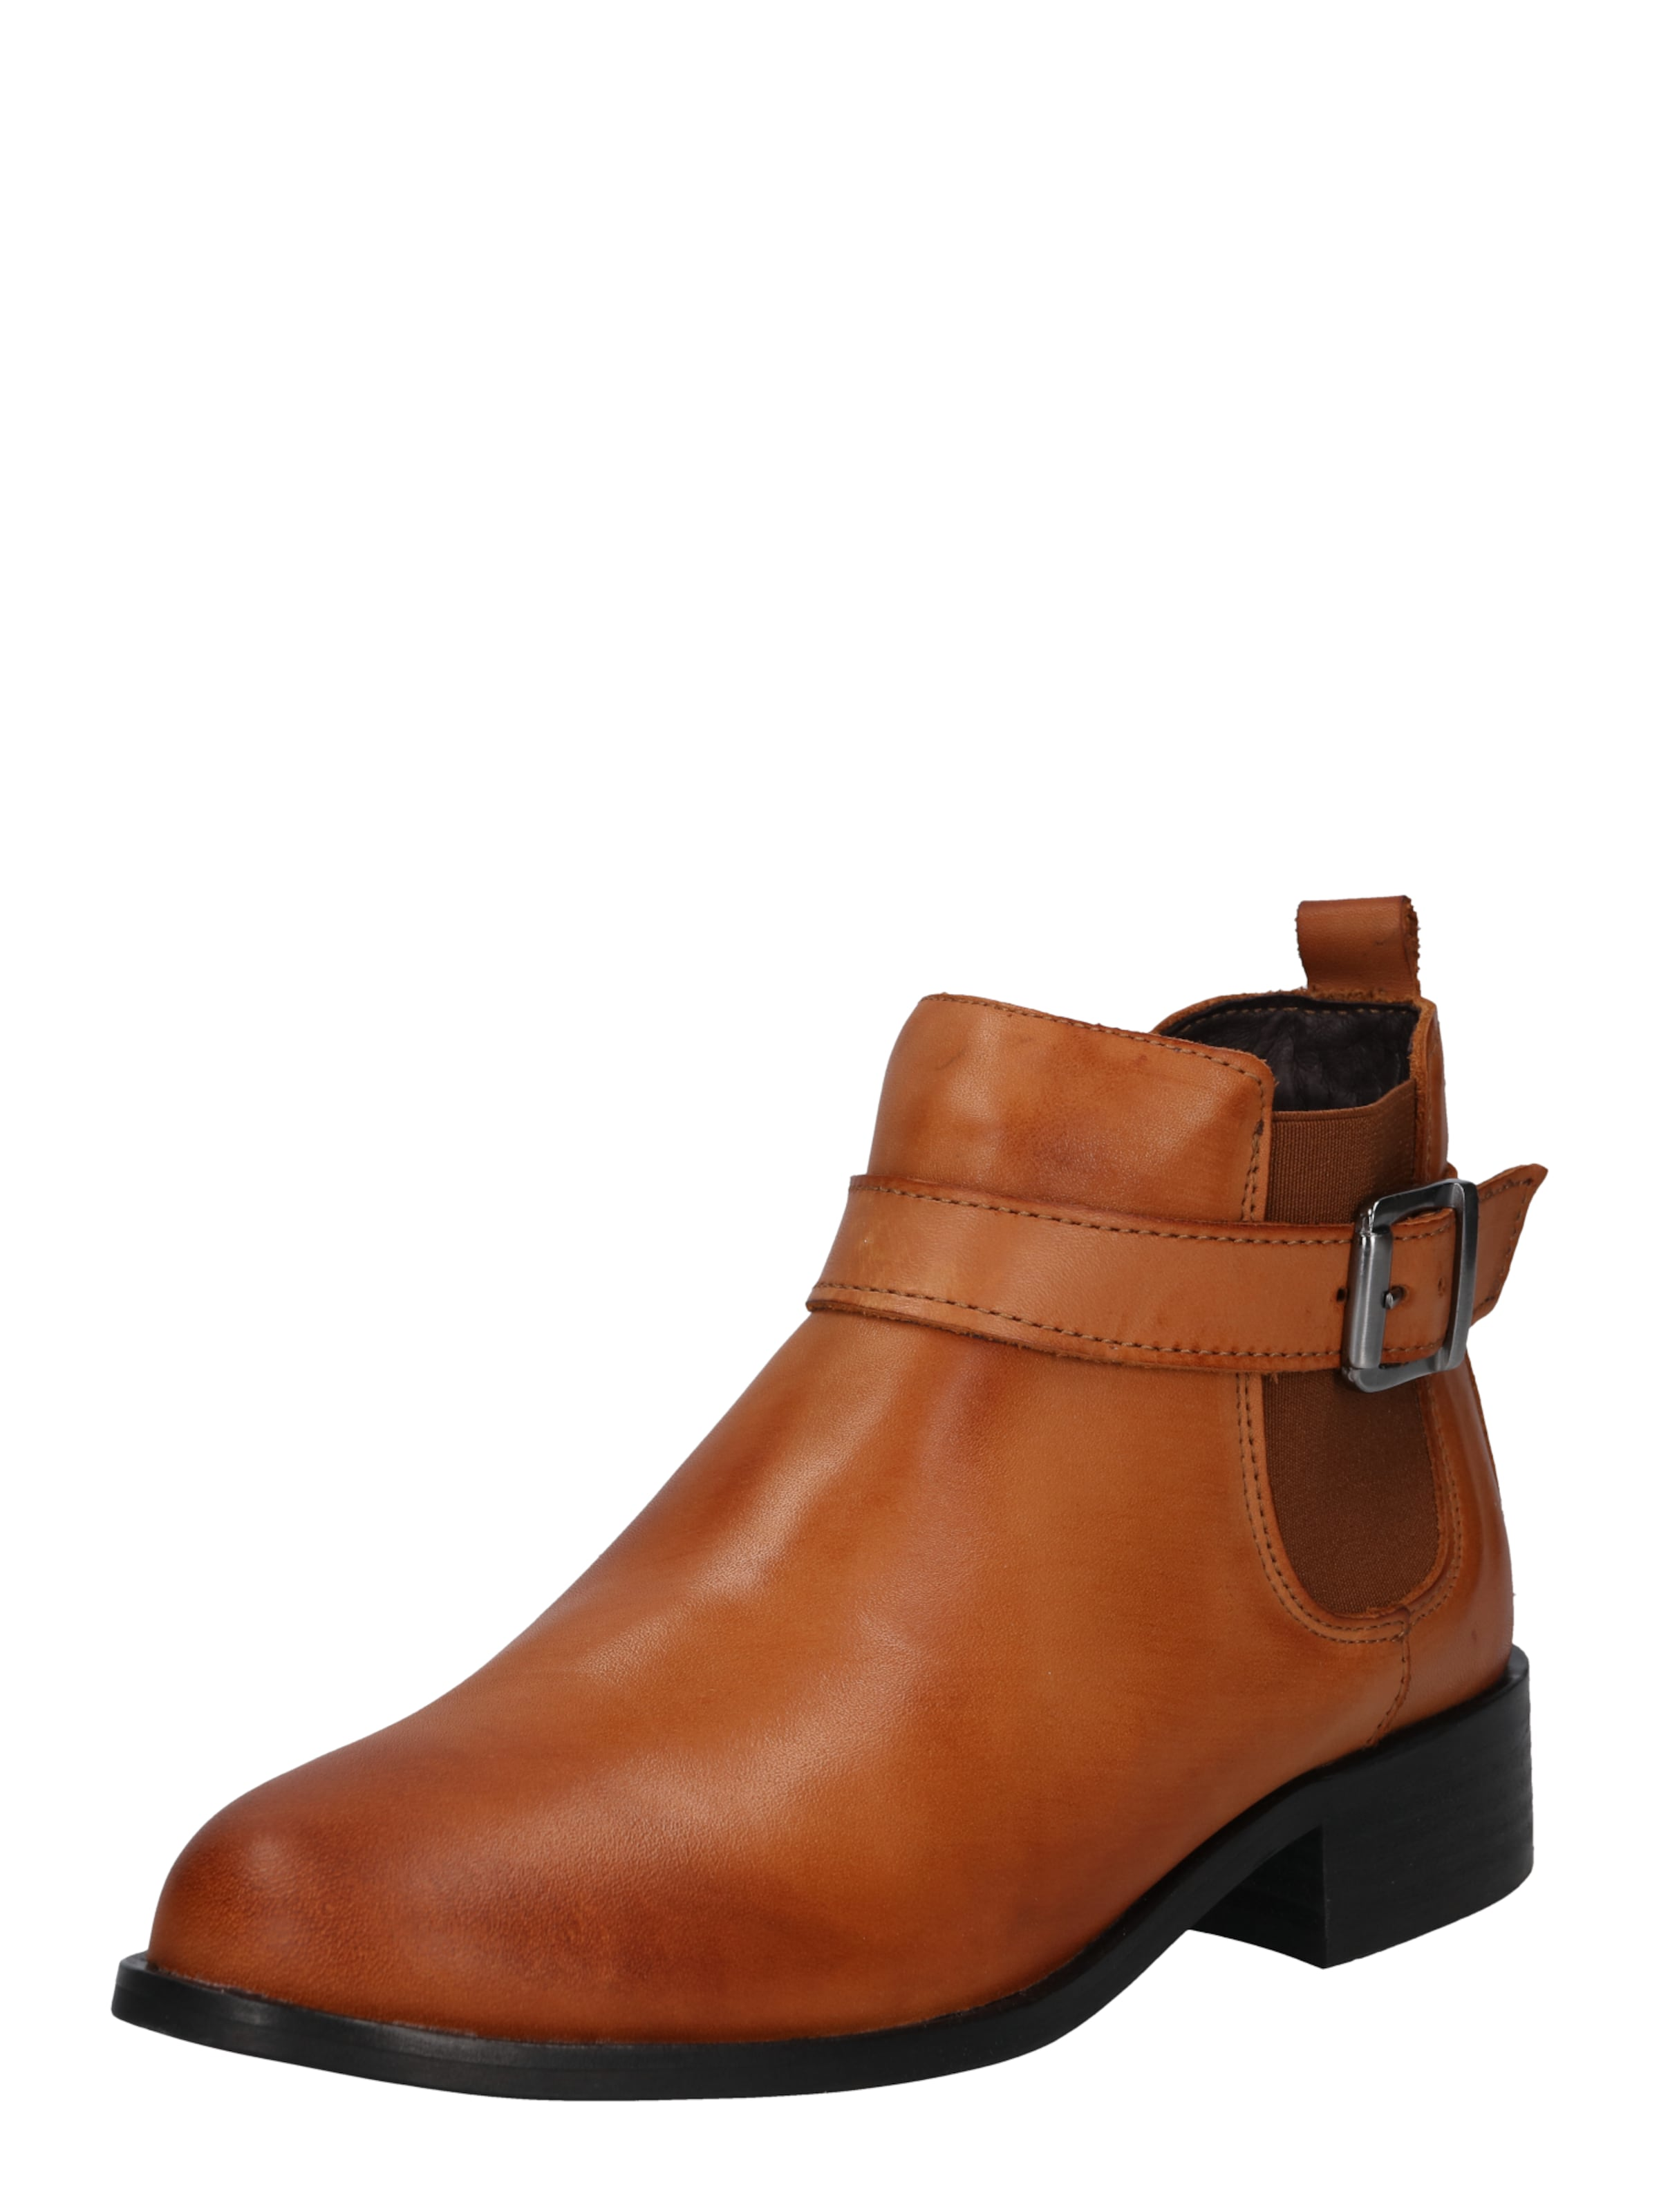 Boots You Chelsea Cognac About 'pia' En 3jA54RL